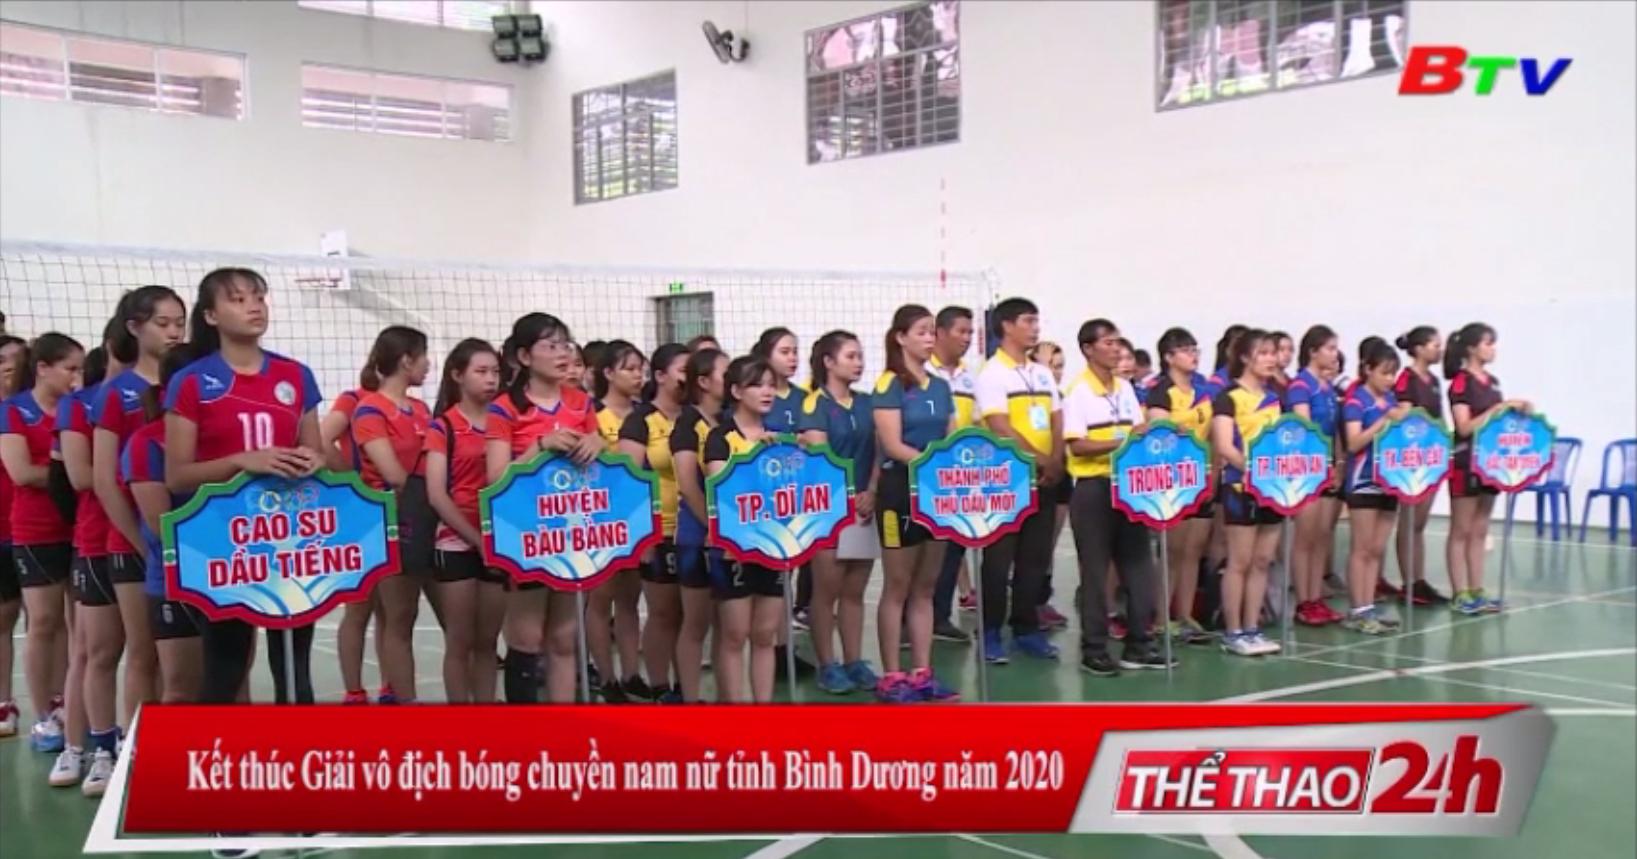 Kết thúc Giải vô địch bóng chuyền nam - nữ tỉnh Bình Dương năm 2020